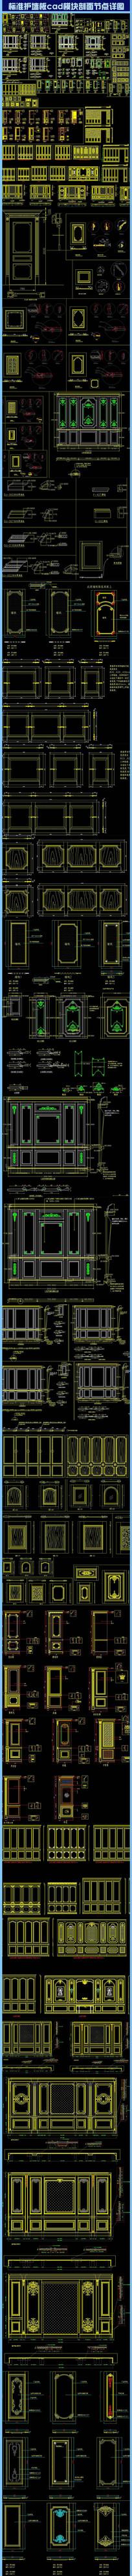 标准护墙板cad模块剖面节点